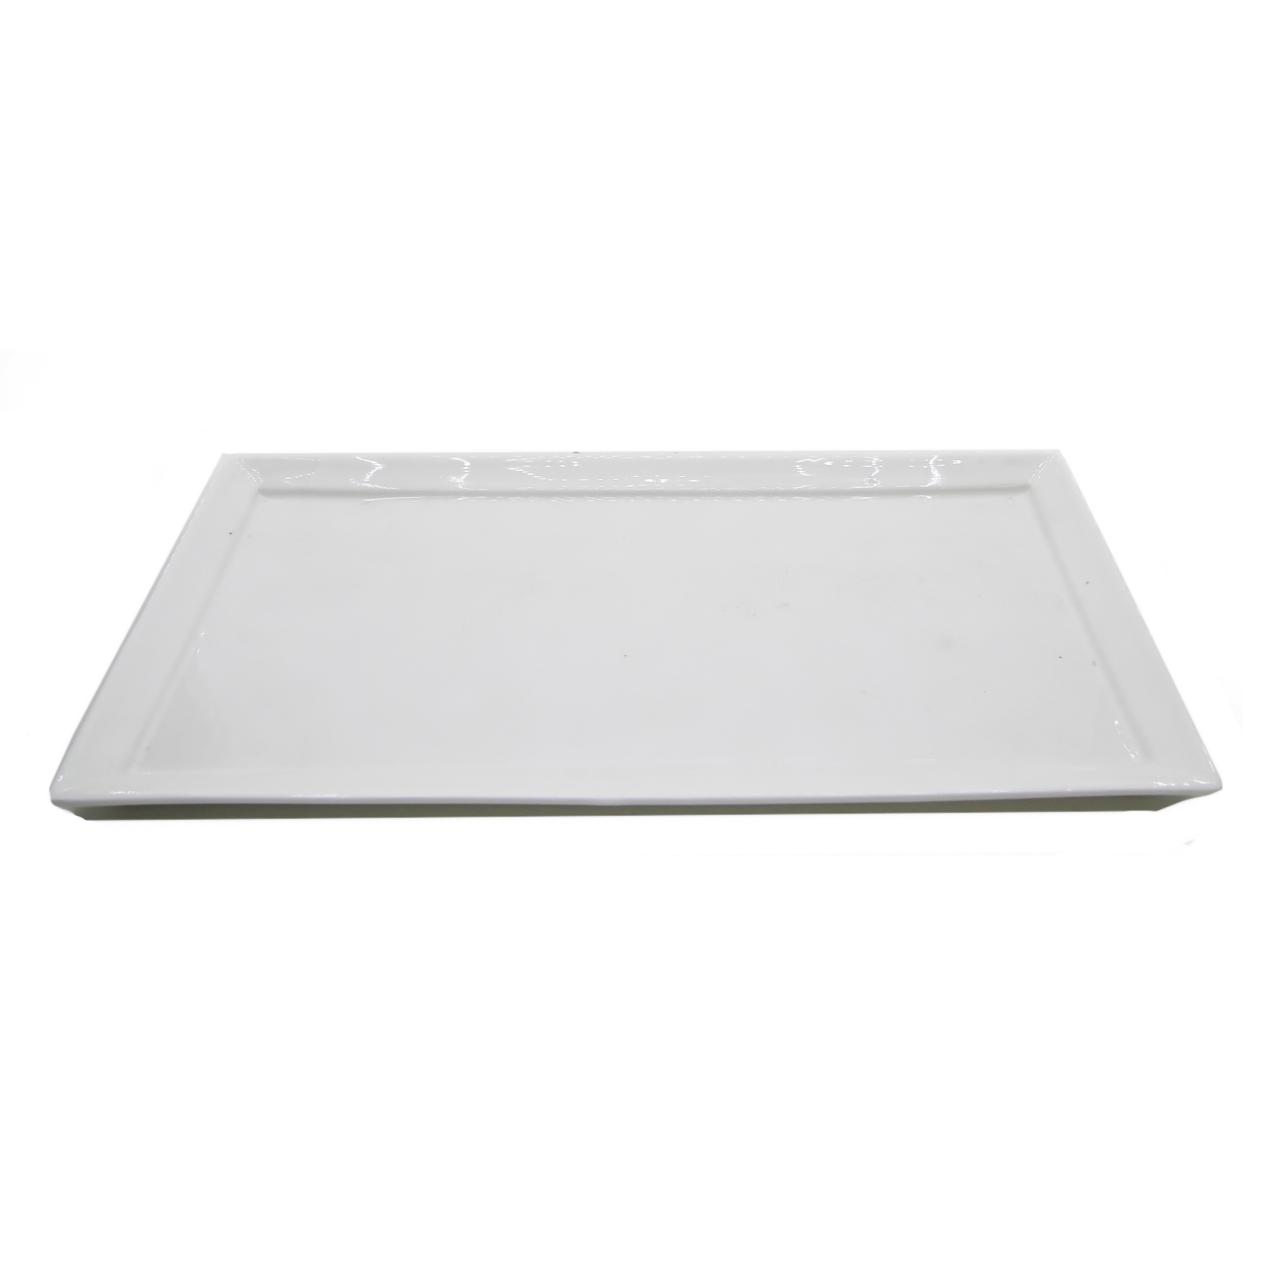 Travessa de Porcelana Branca Retangular 34x16 Bon Gourmet